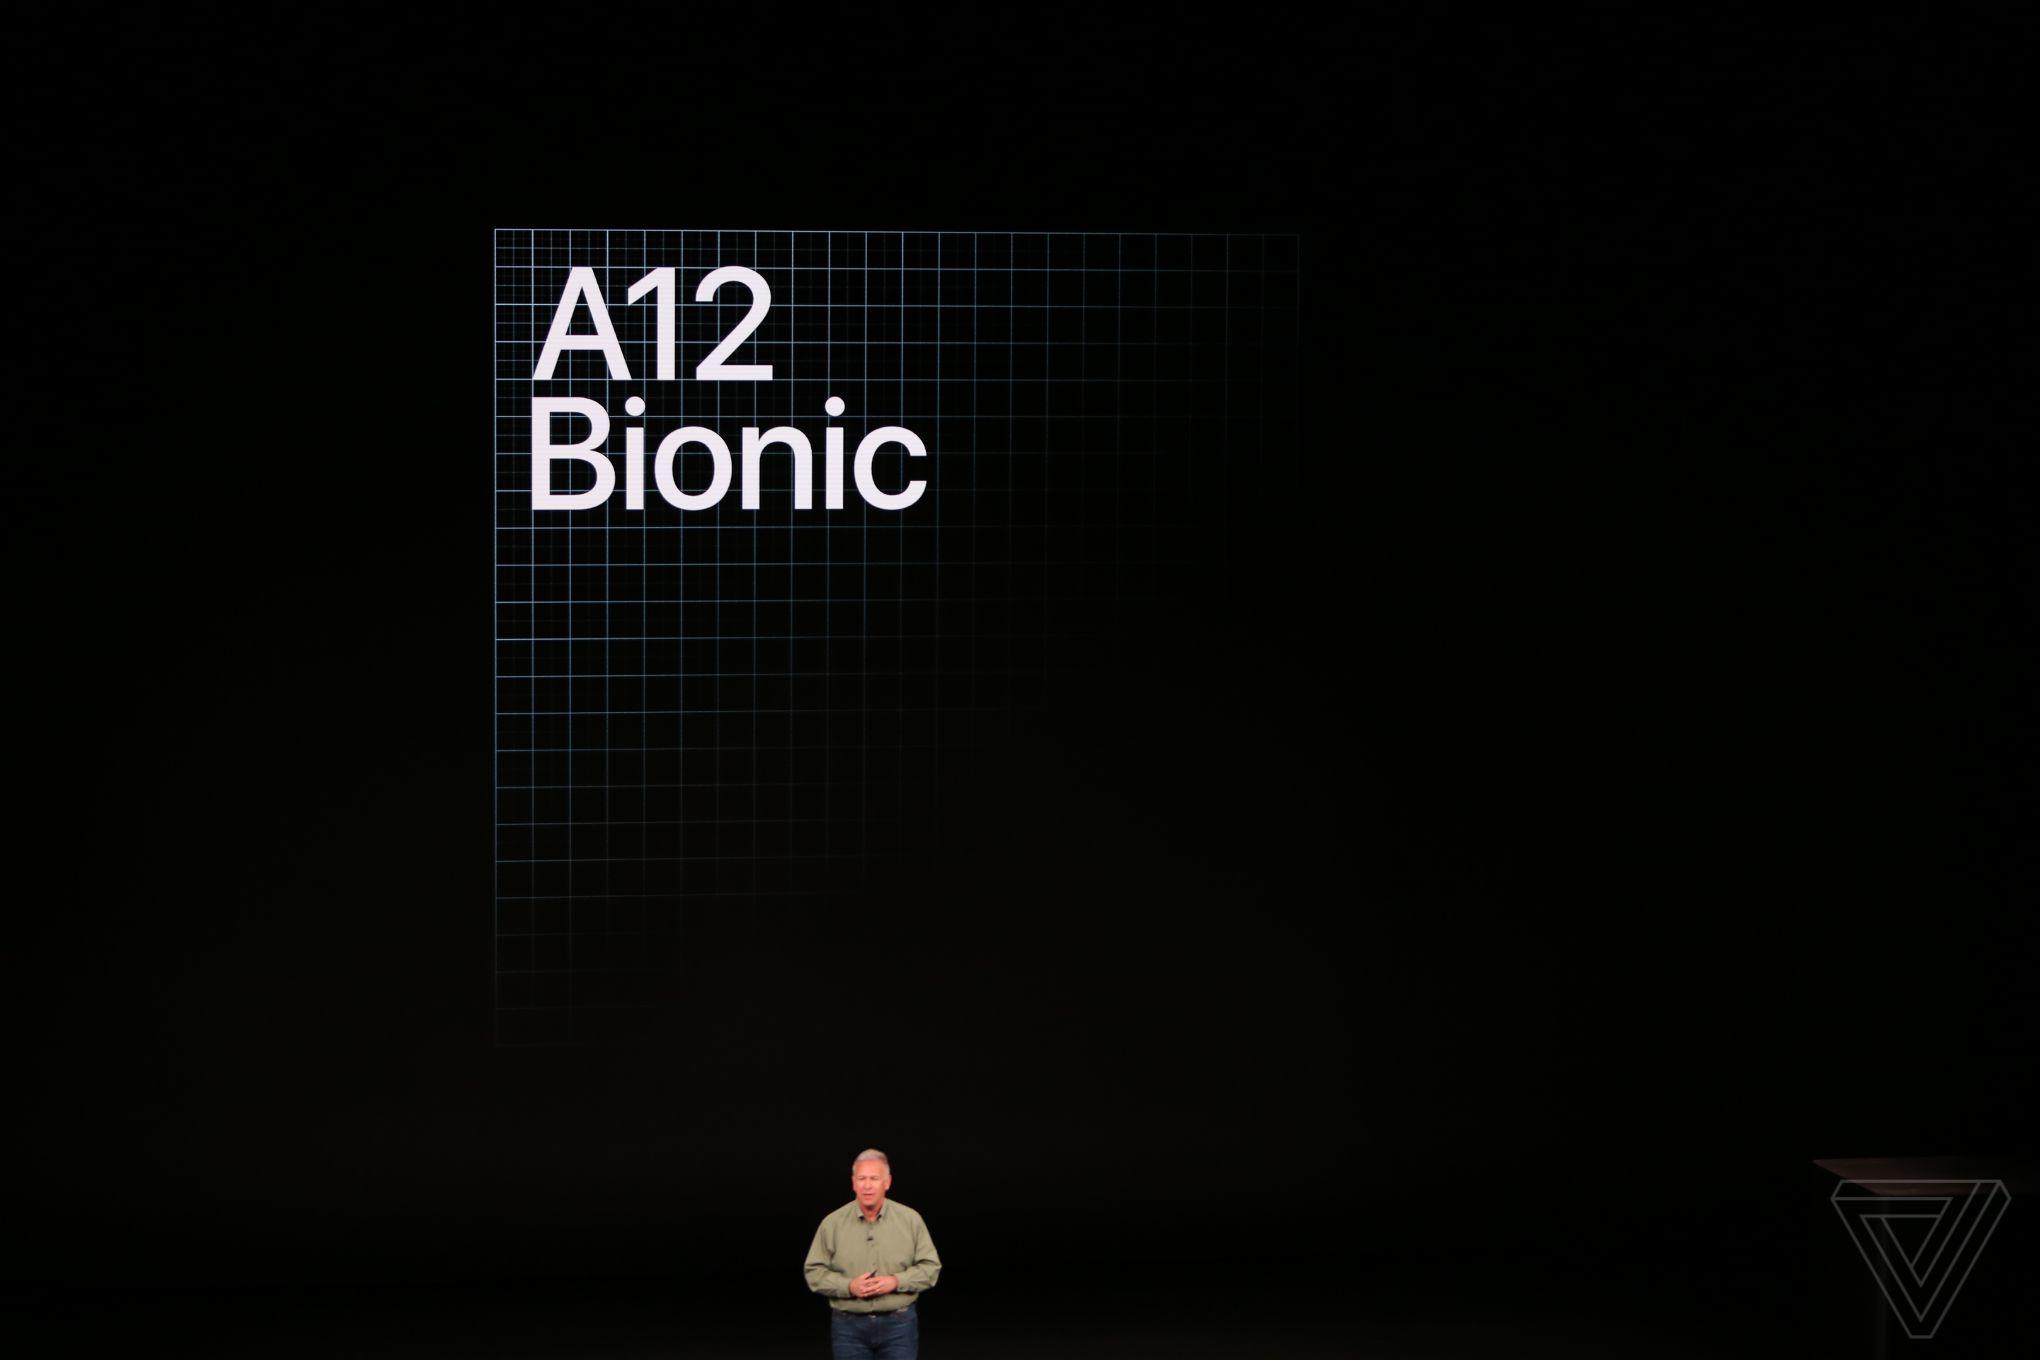 iPhone Xr ra mắt: màn hình LCD 6.1 inch, nhiều màu sắc, giá từ 749 USD hình 4